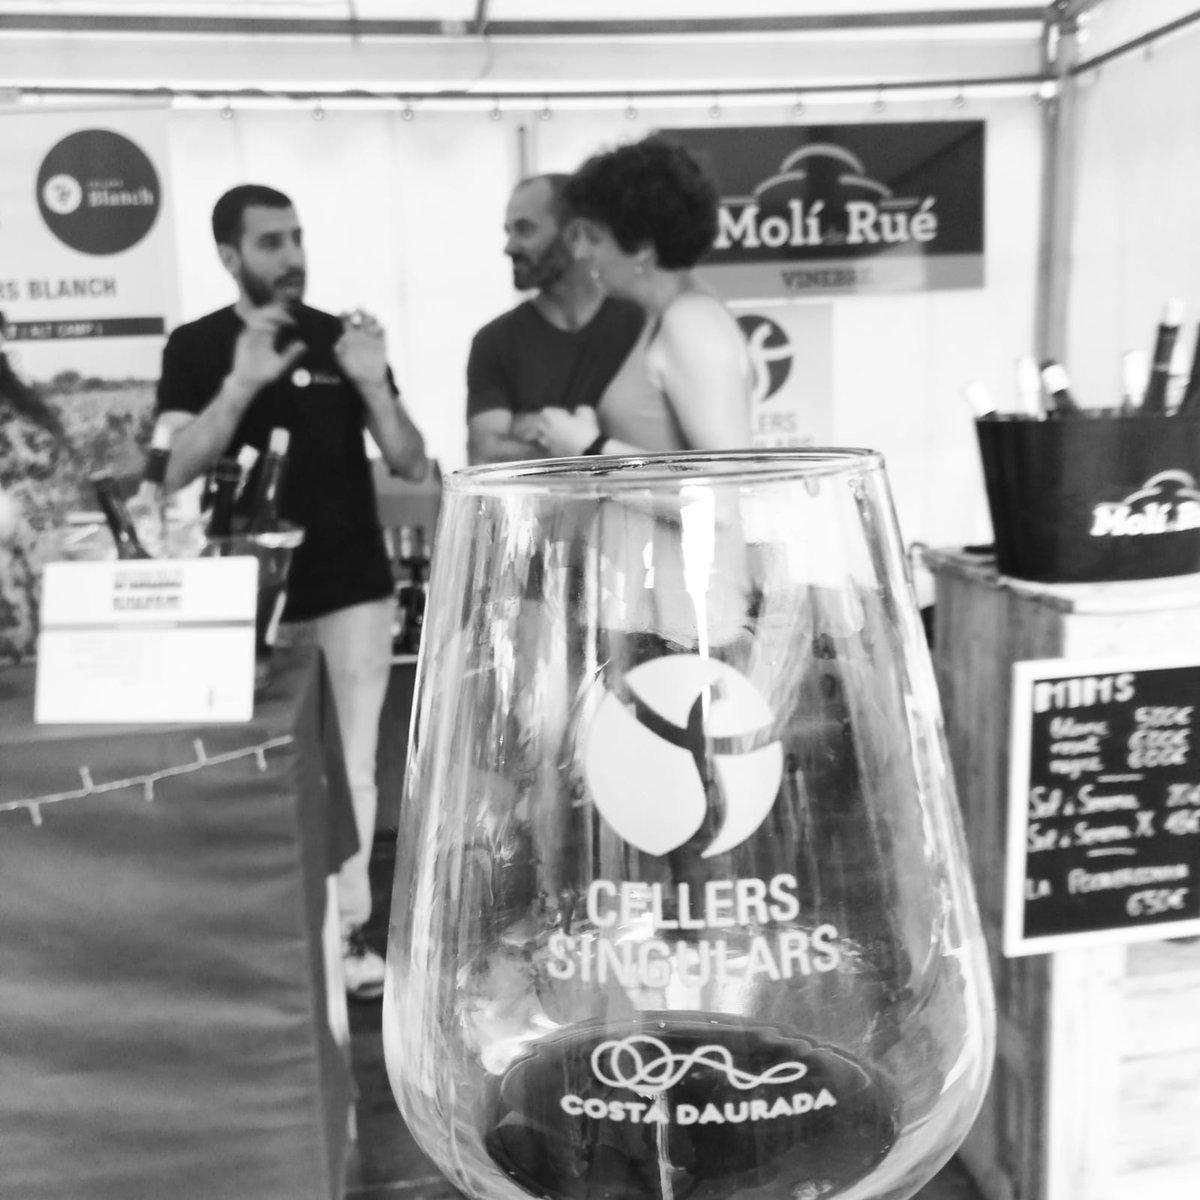 Compartint experiències, treball, recursos, projectes i valors. Així treballem els Cellers Singulars, junts. 😍🍇🚜🍷  #somcellerssingulars #cellers #cellersingulars #moments #valor #vi #vinscatalans #DOTarragona #tarragona #vino #colaboratiu #Xarxa